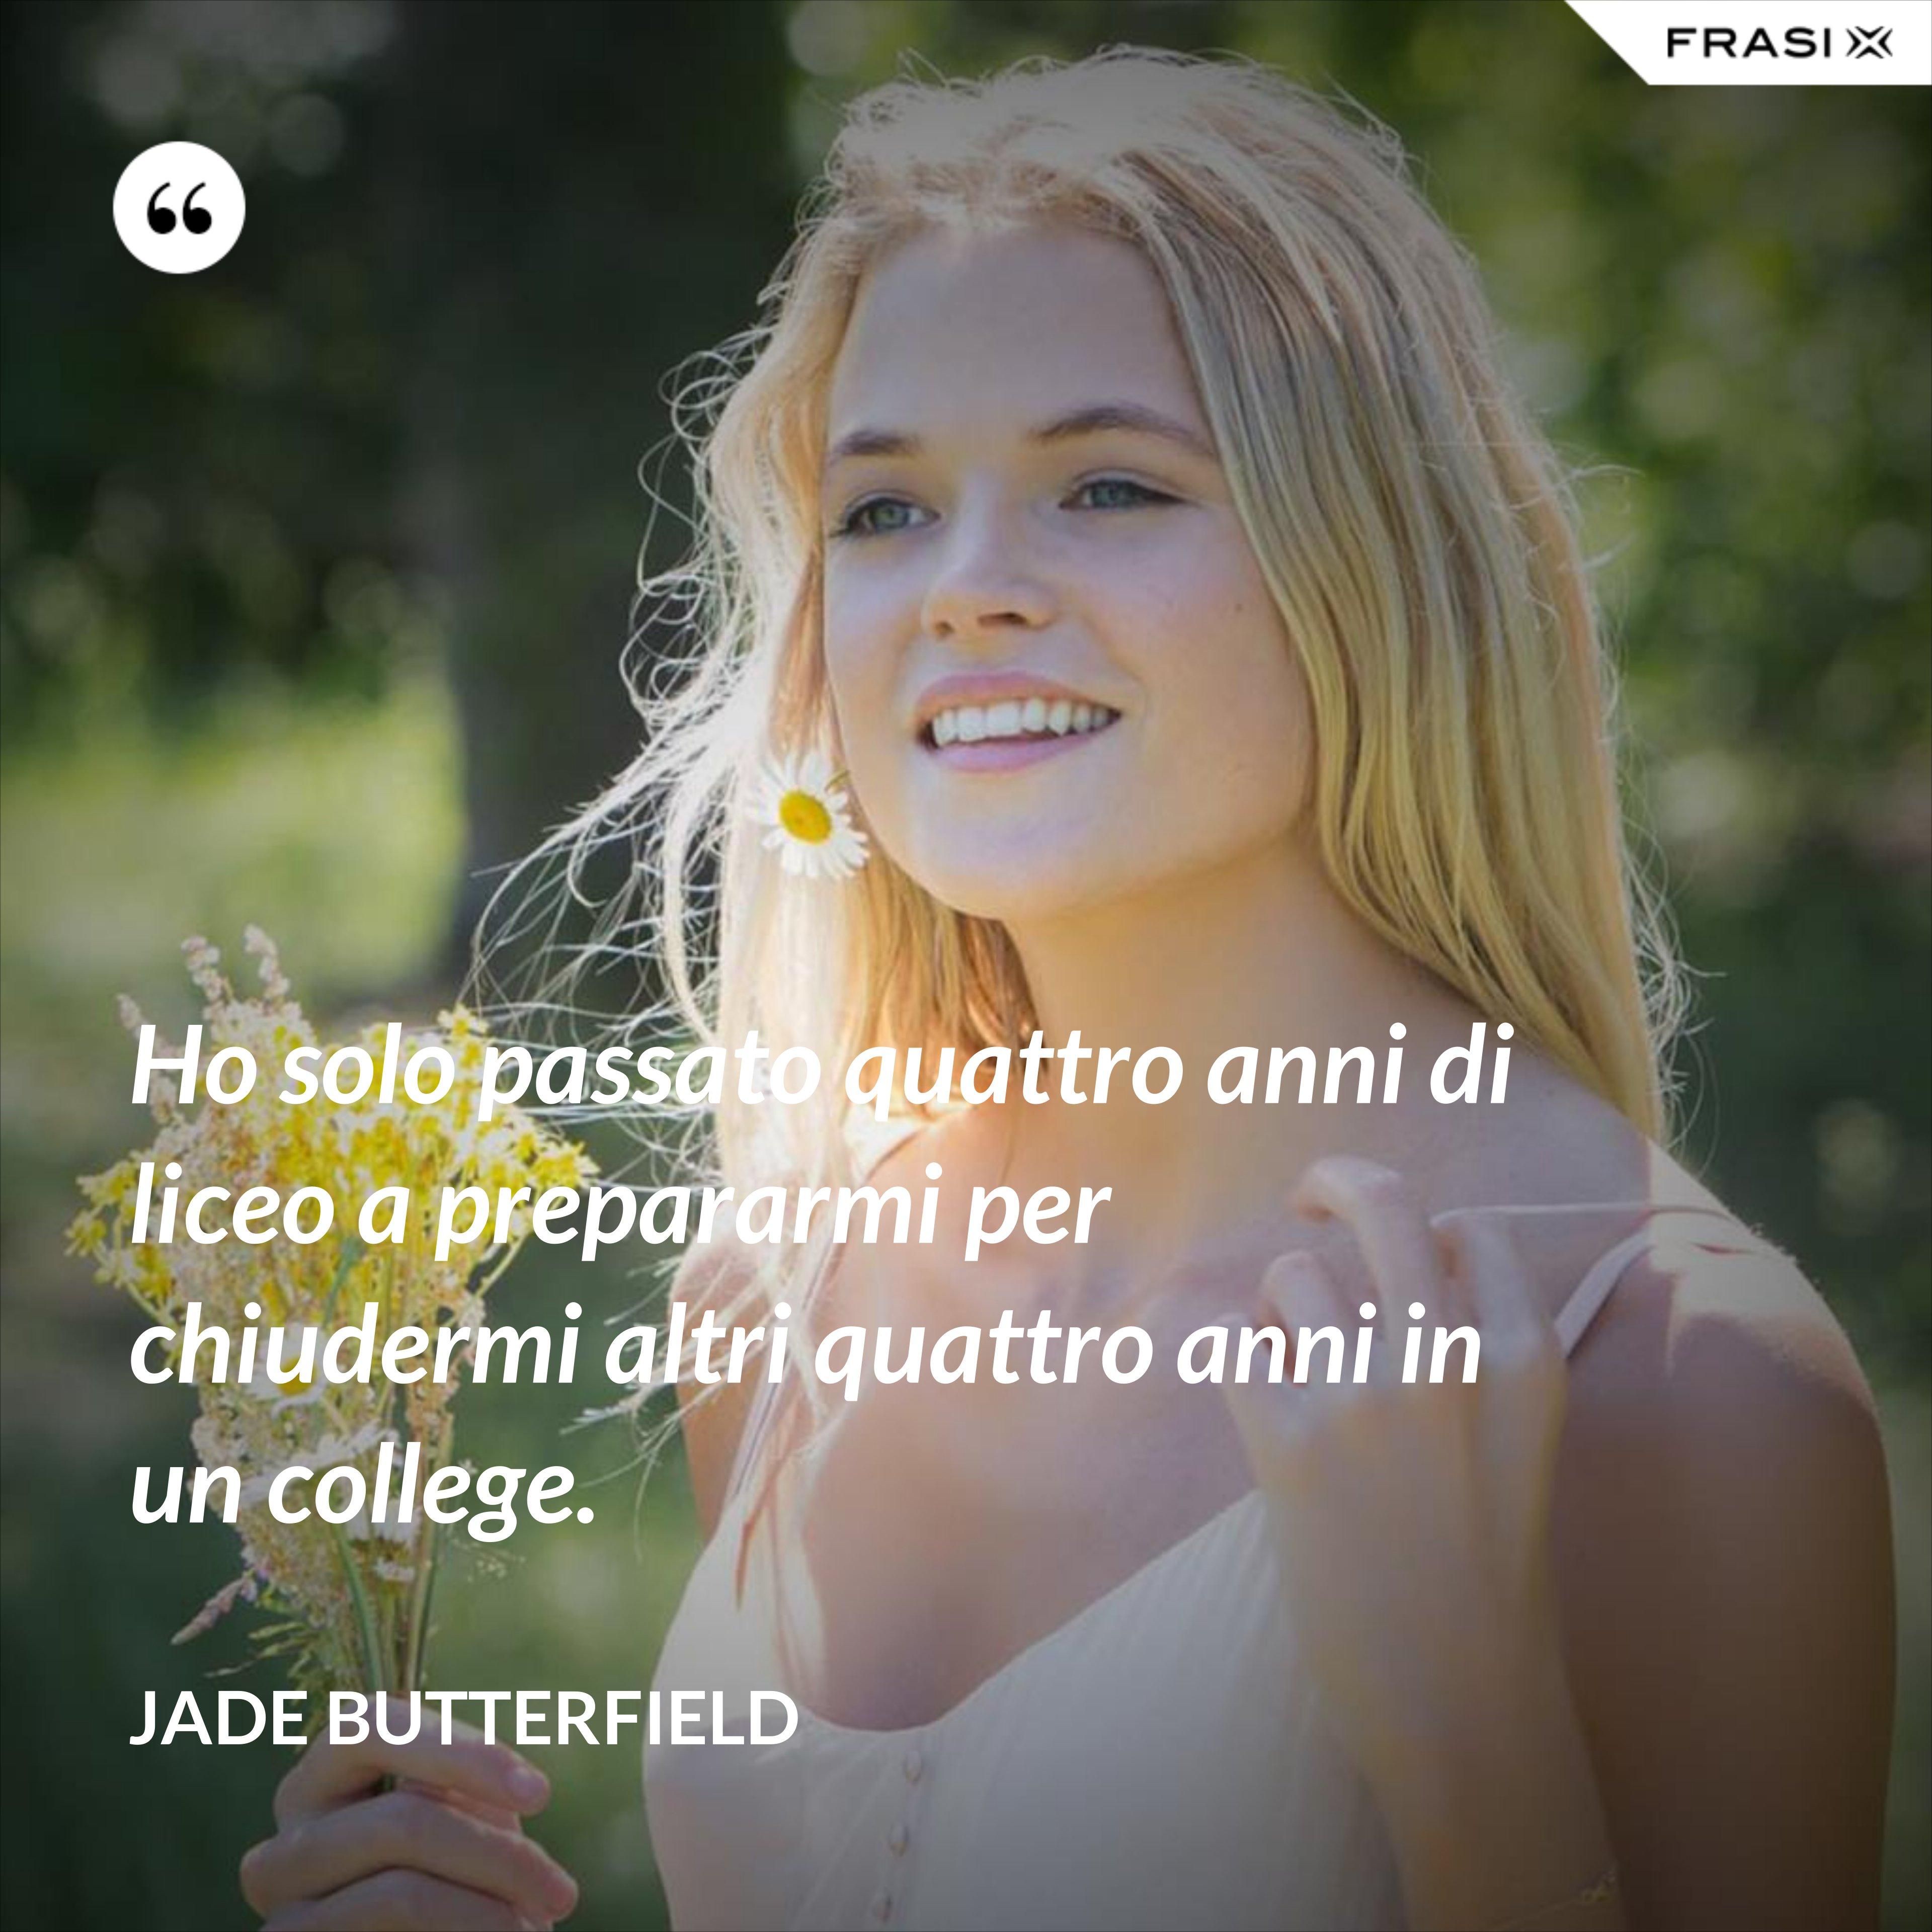 Ho solo passato quattro anni di liceo a prepararmi per chiudermi altri quattro anni in un college. - Jade Butterfield